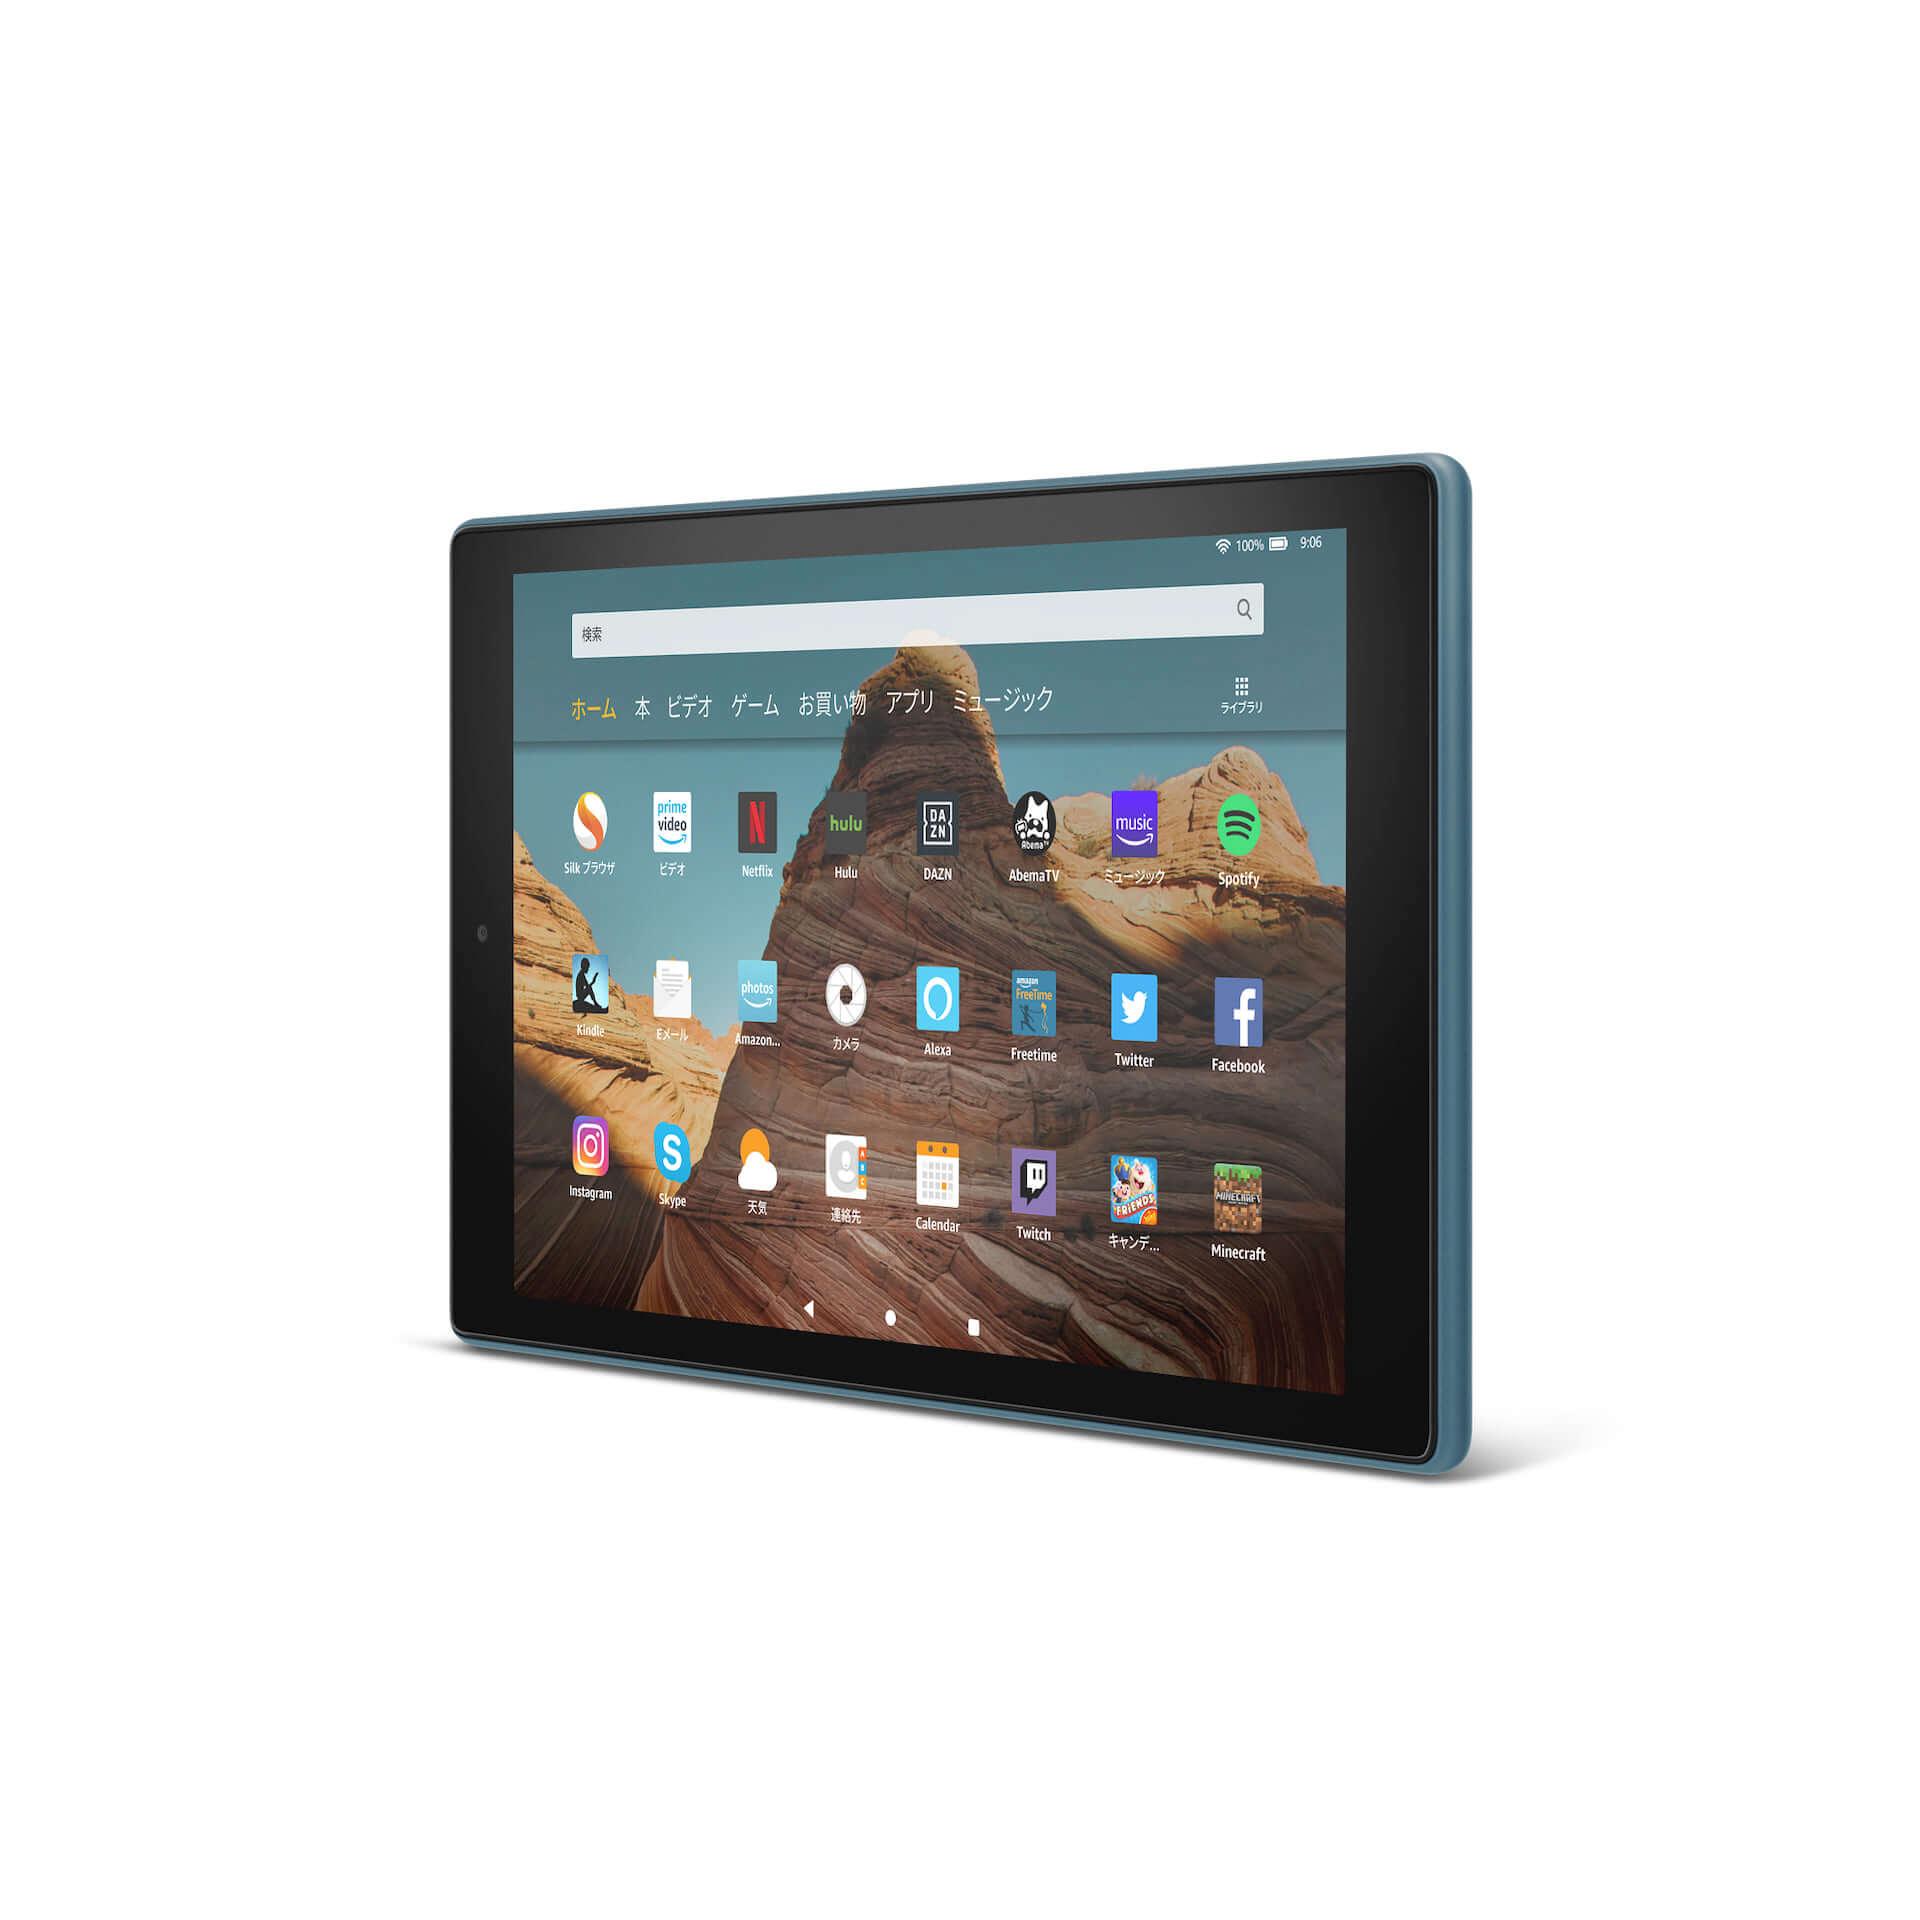 Amazon、大画面10.1インチ、USB Type-C搭載の「Fire HD 10 タブレット」が新登場! tech191008fire-hd-10_05-1920x1920